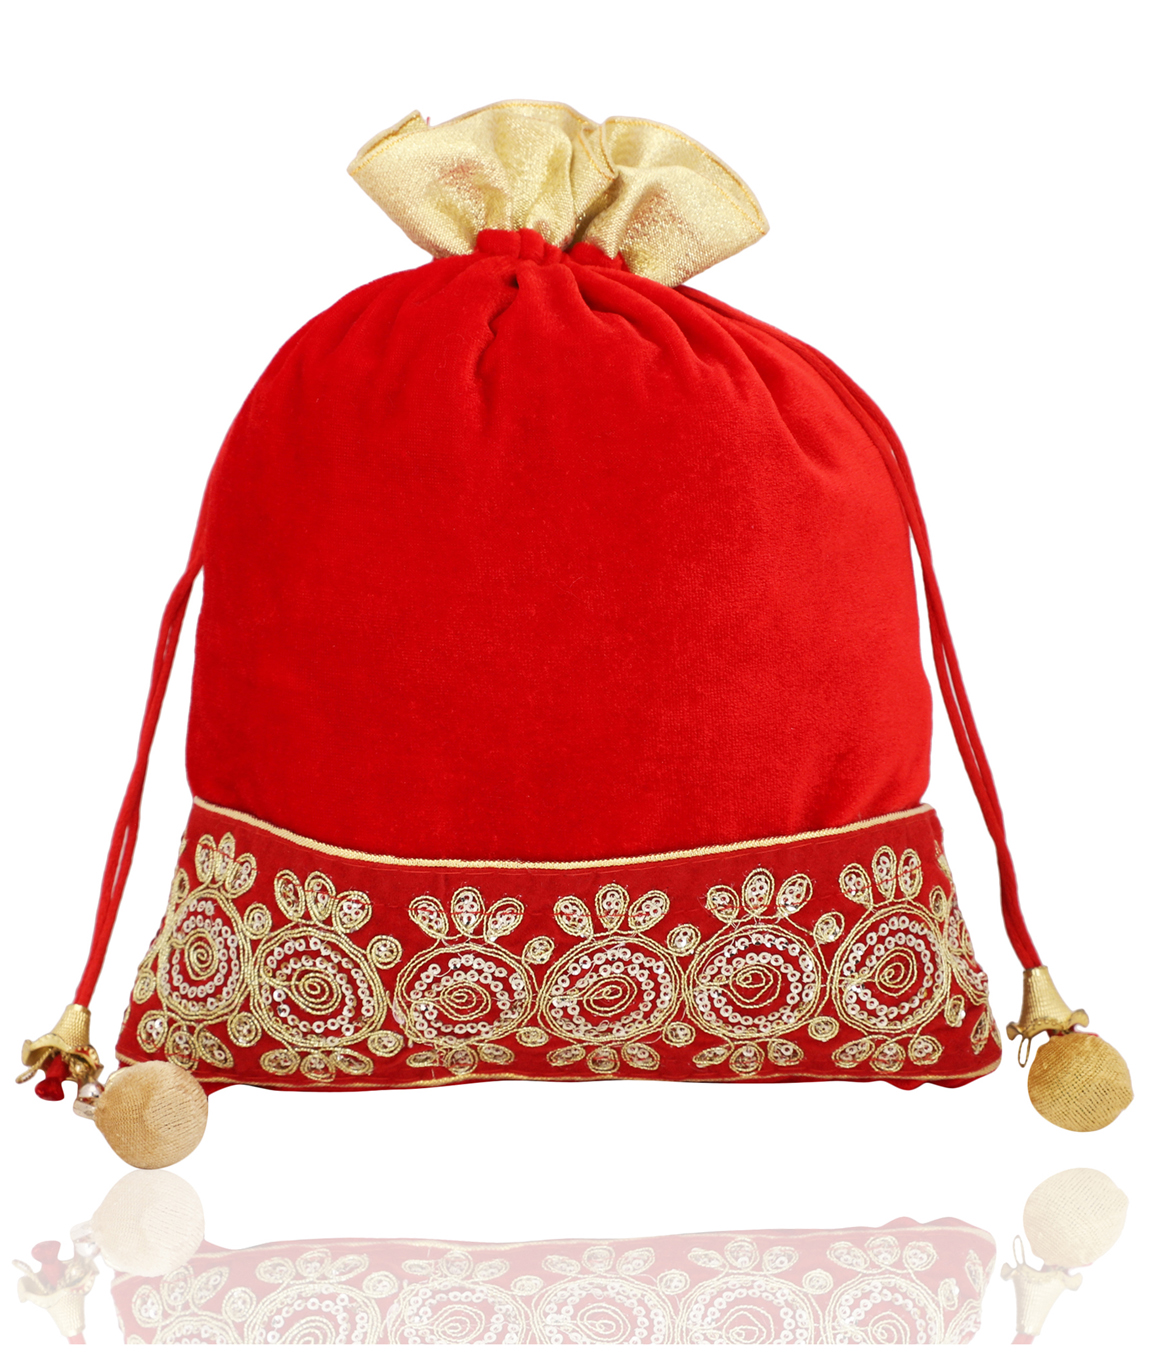 Red Velvet Potli Bag With Golden Tassel(COLOUR : RED)